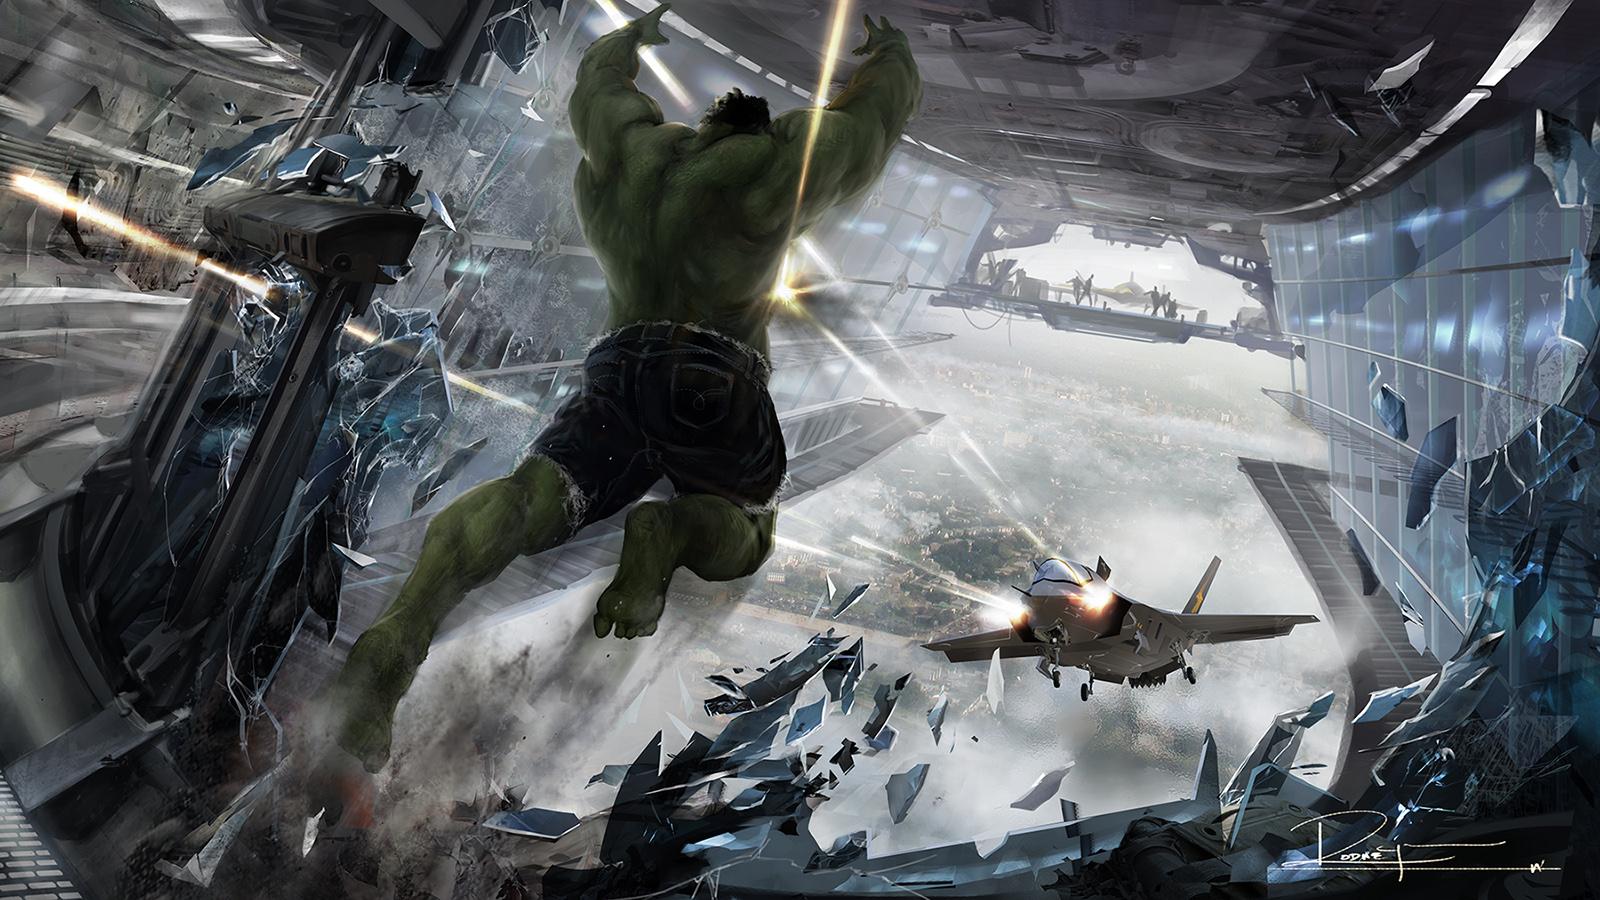 Avengers art ХАЛК